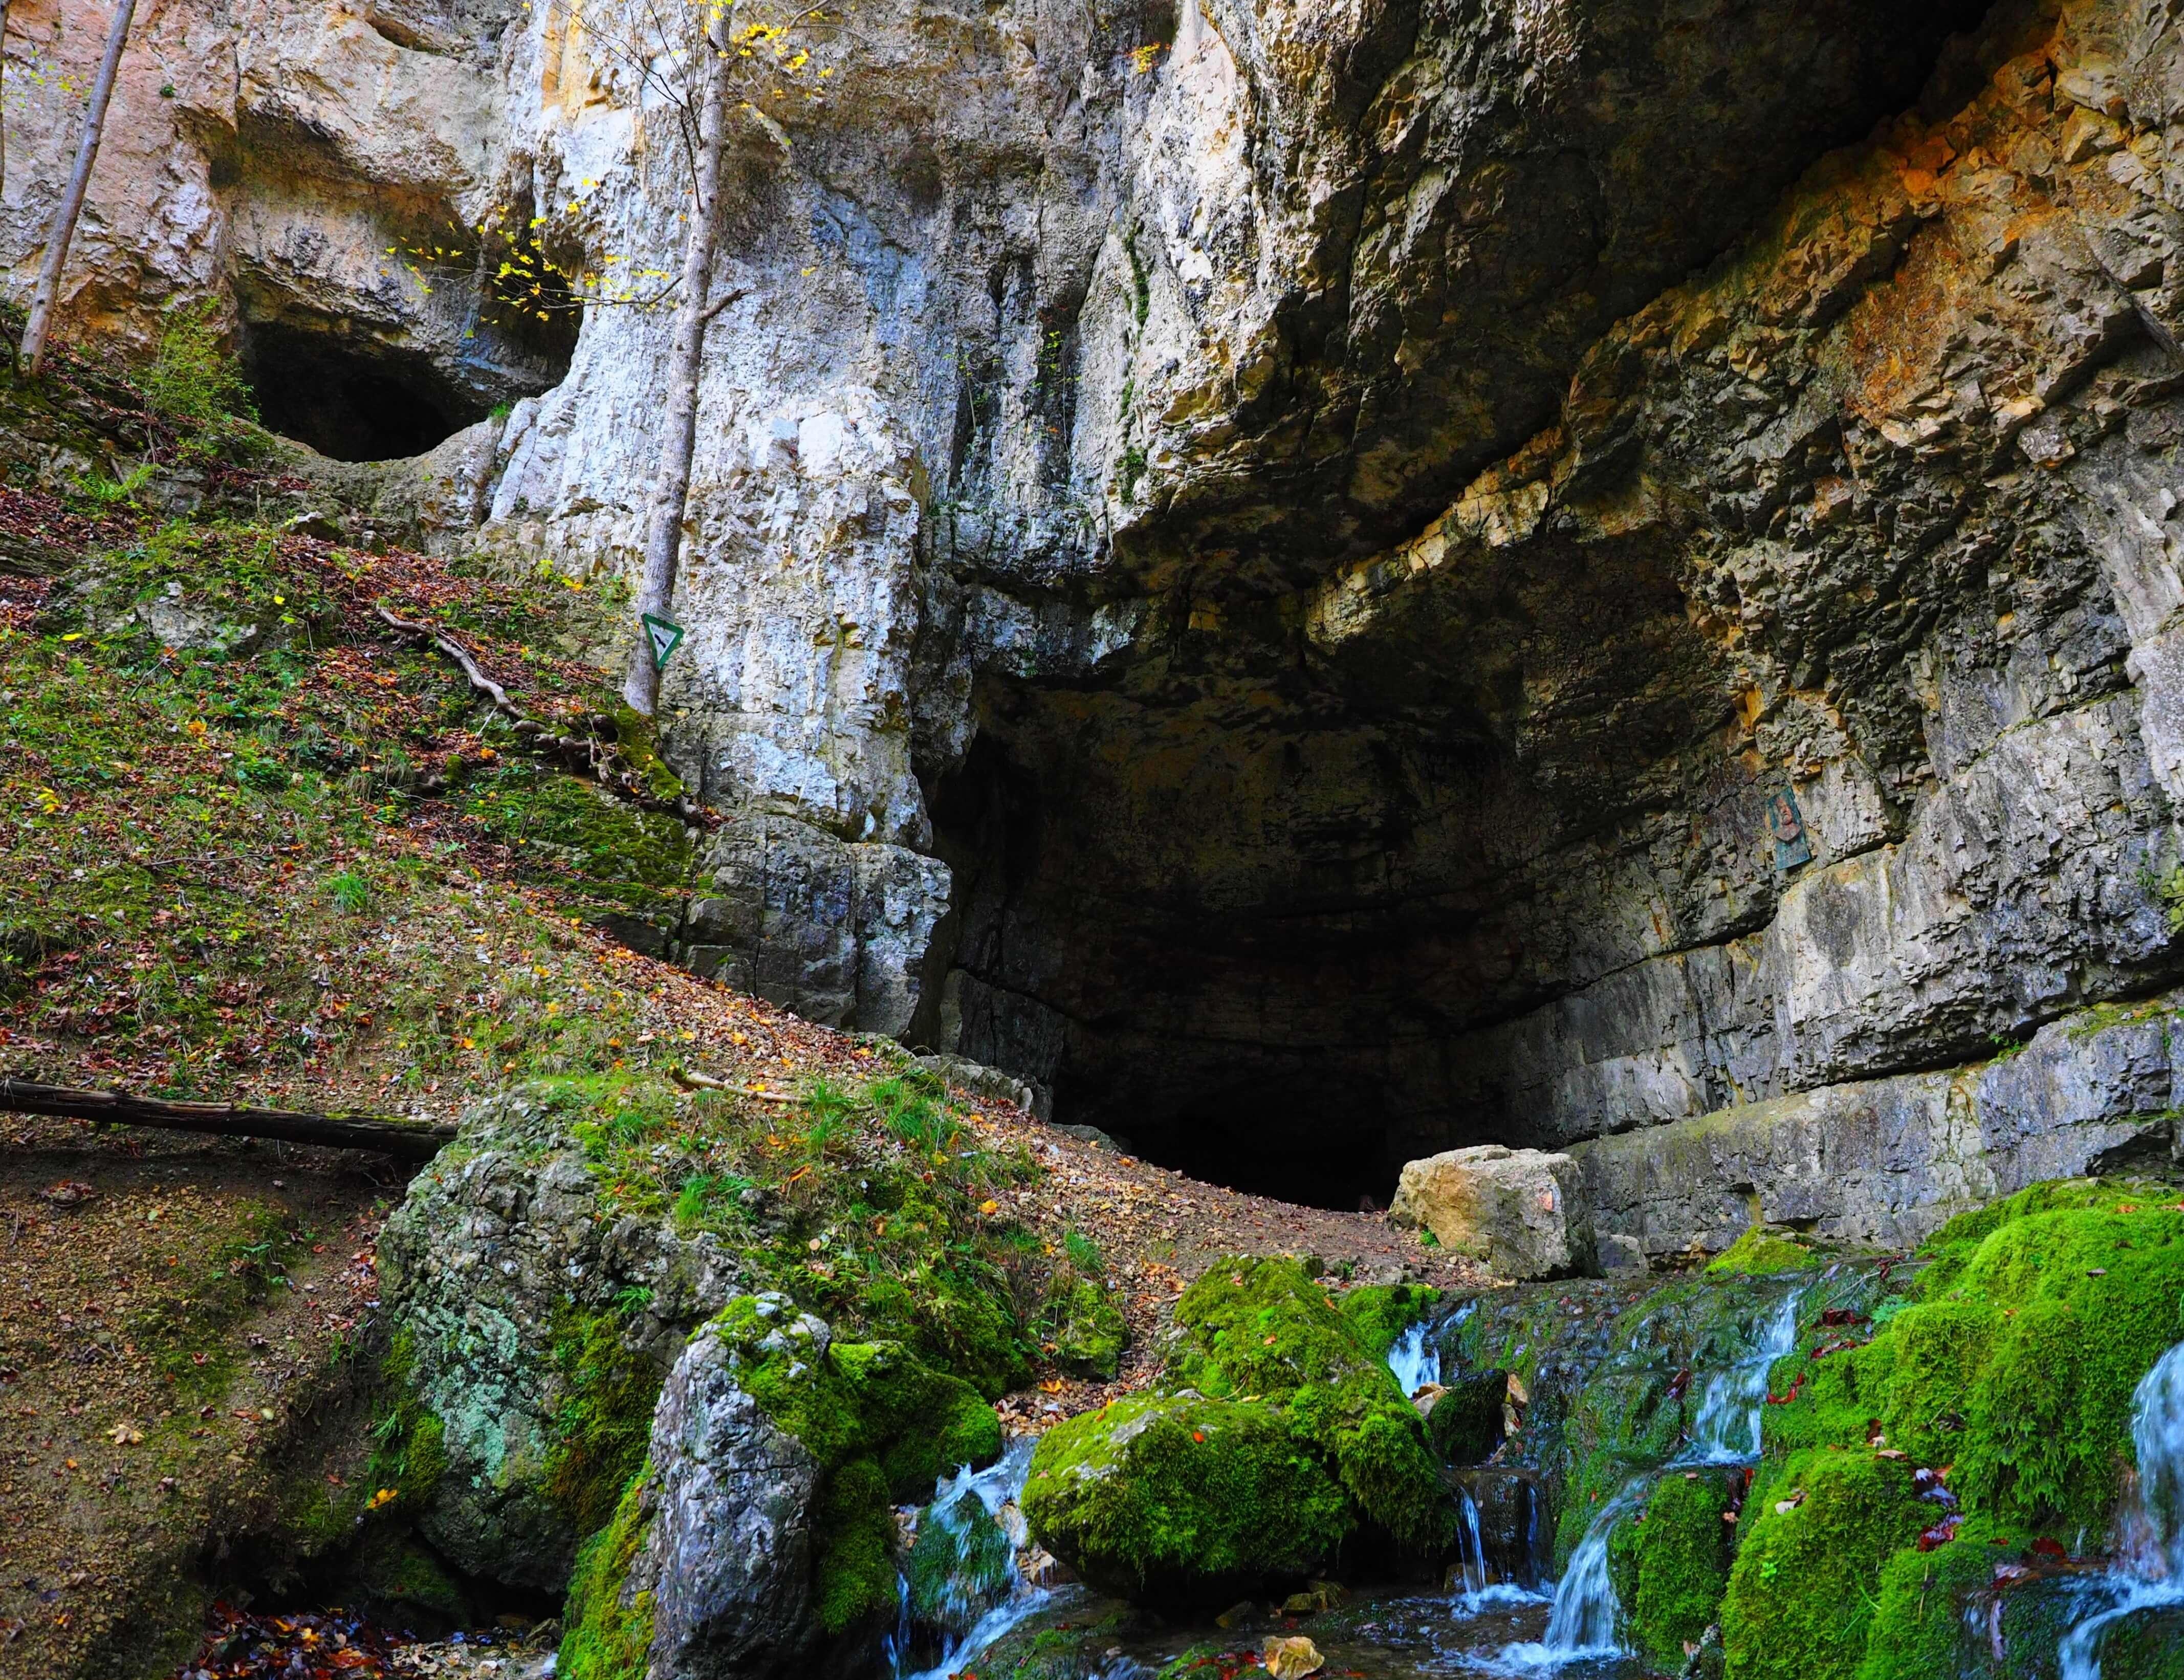 Mini-Abenteuer - Caving in dunklen Höhlen